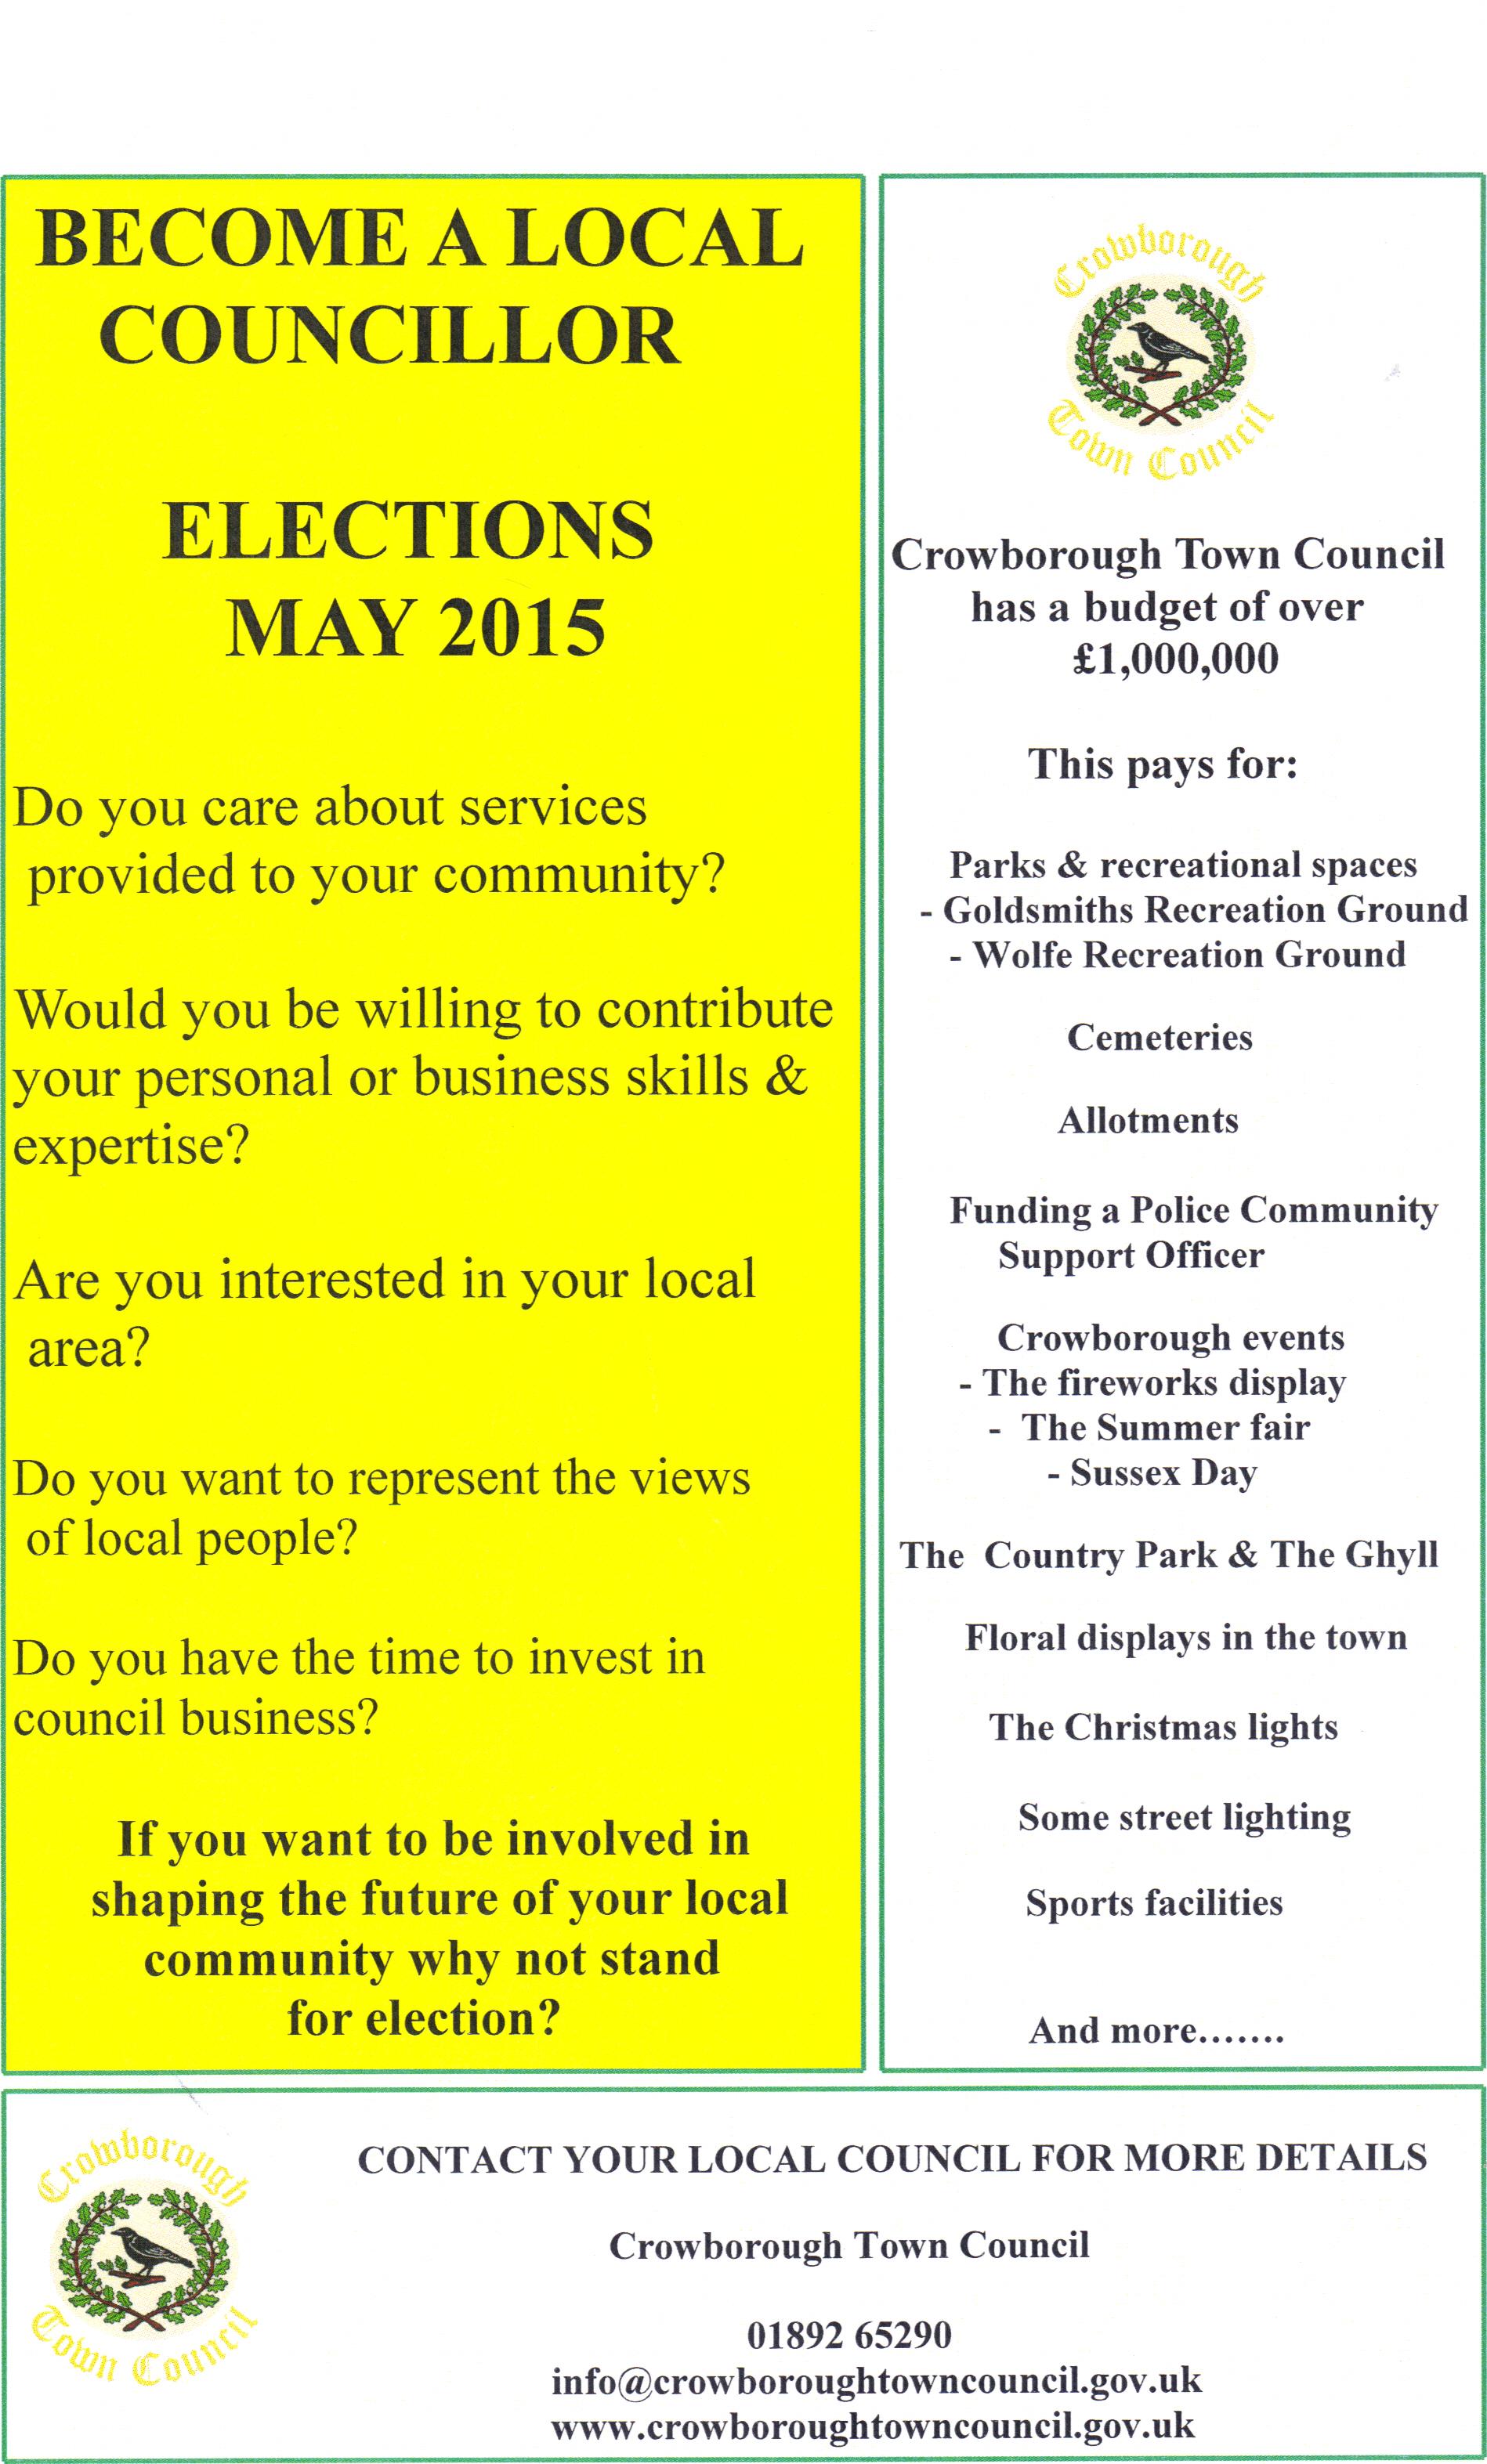 Become a Town Councillor